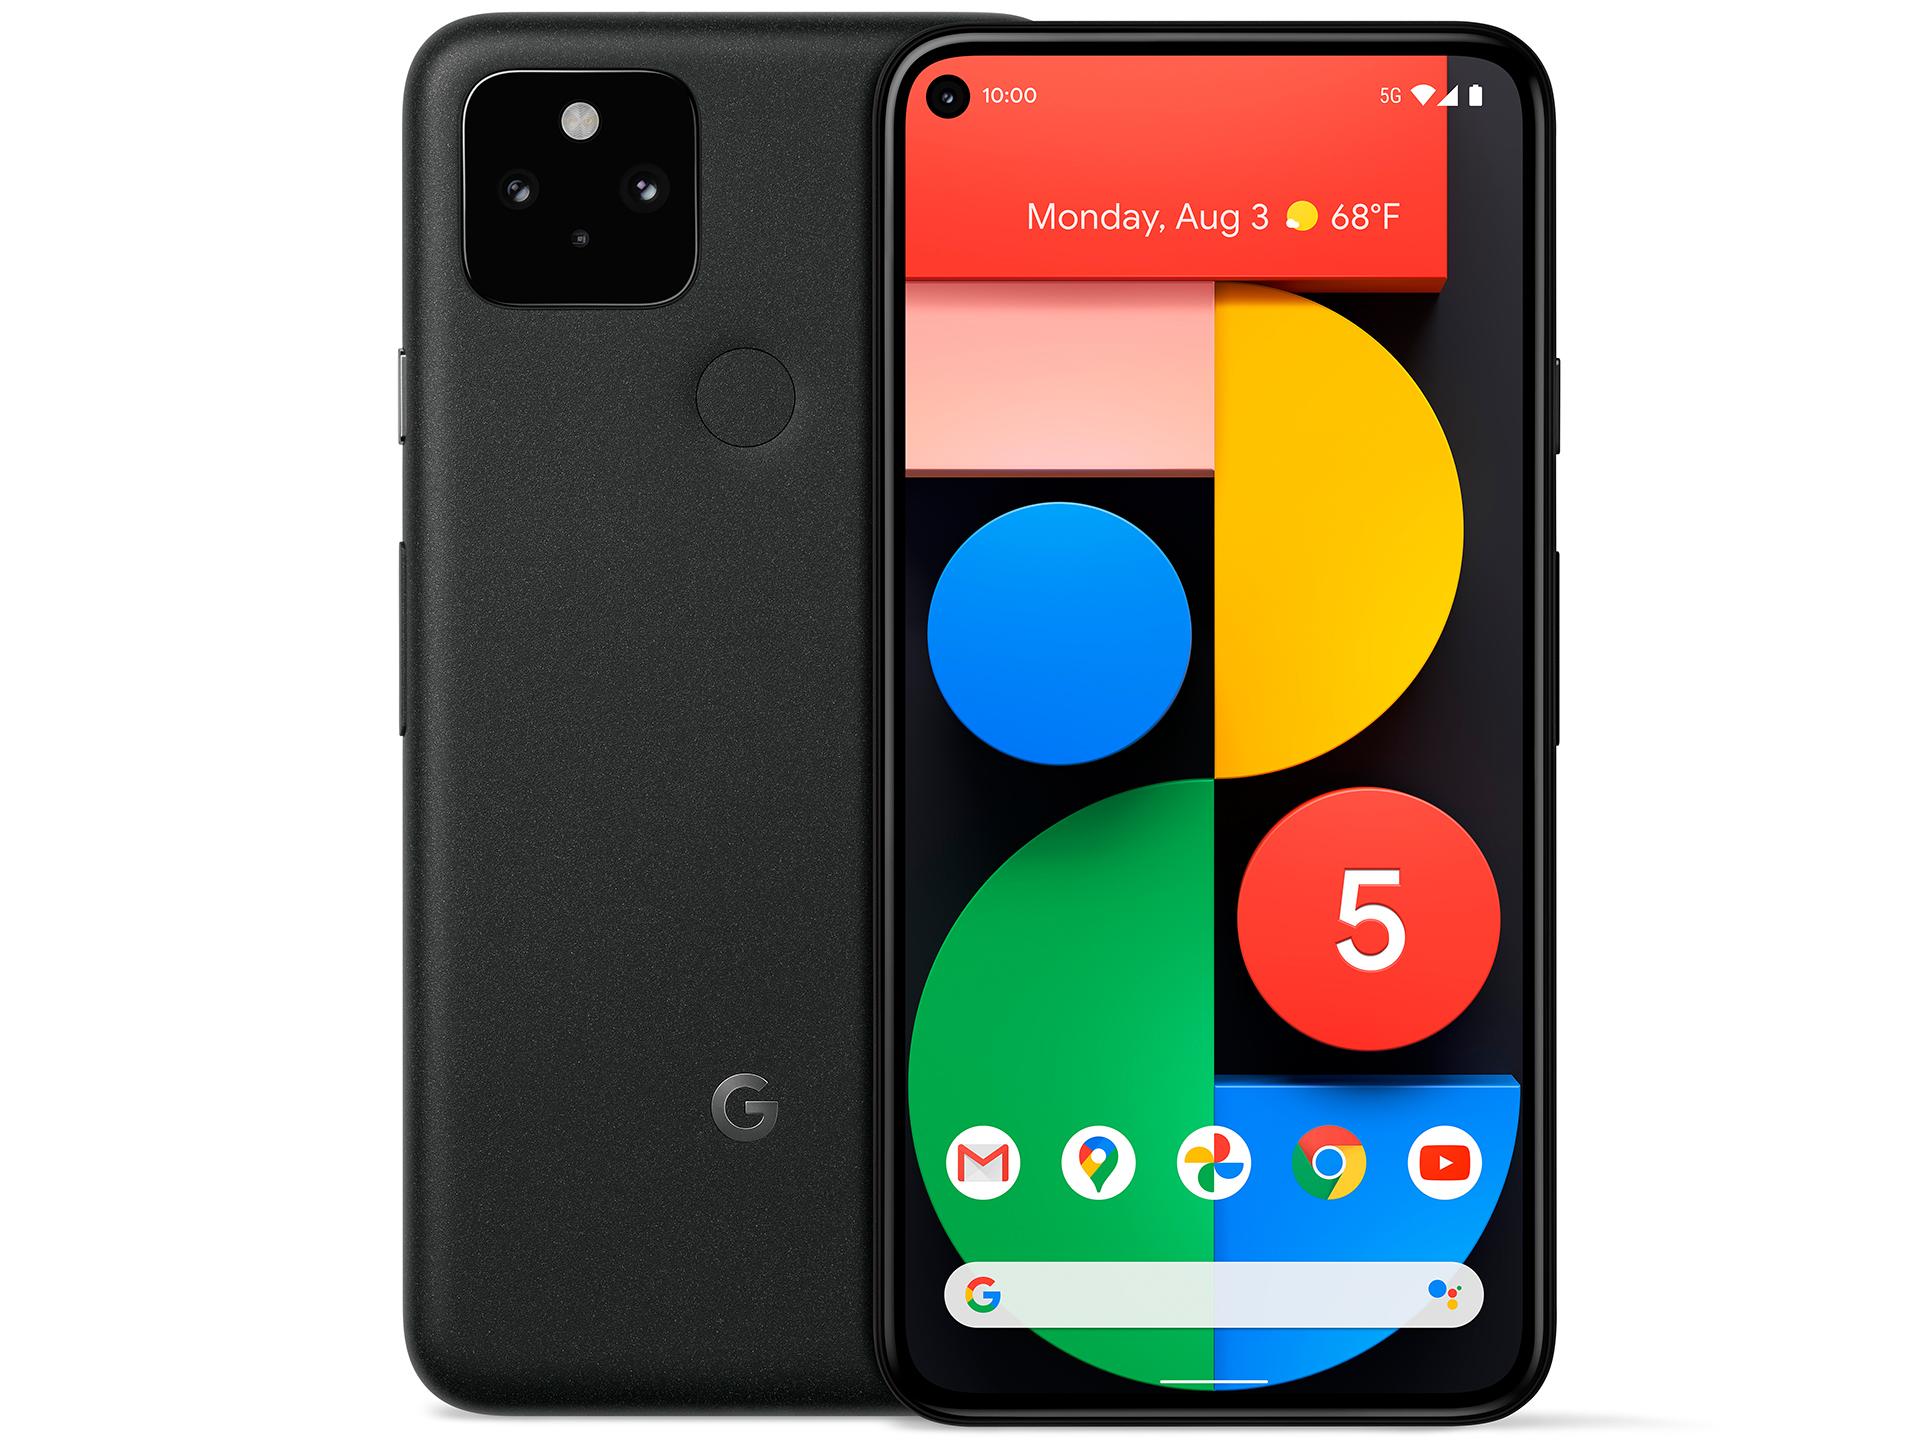 安卓 12 有望支持屏幕随面部旋转功能:Pixel 首发,躺着玩手机再也不担心了